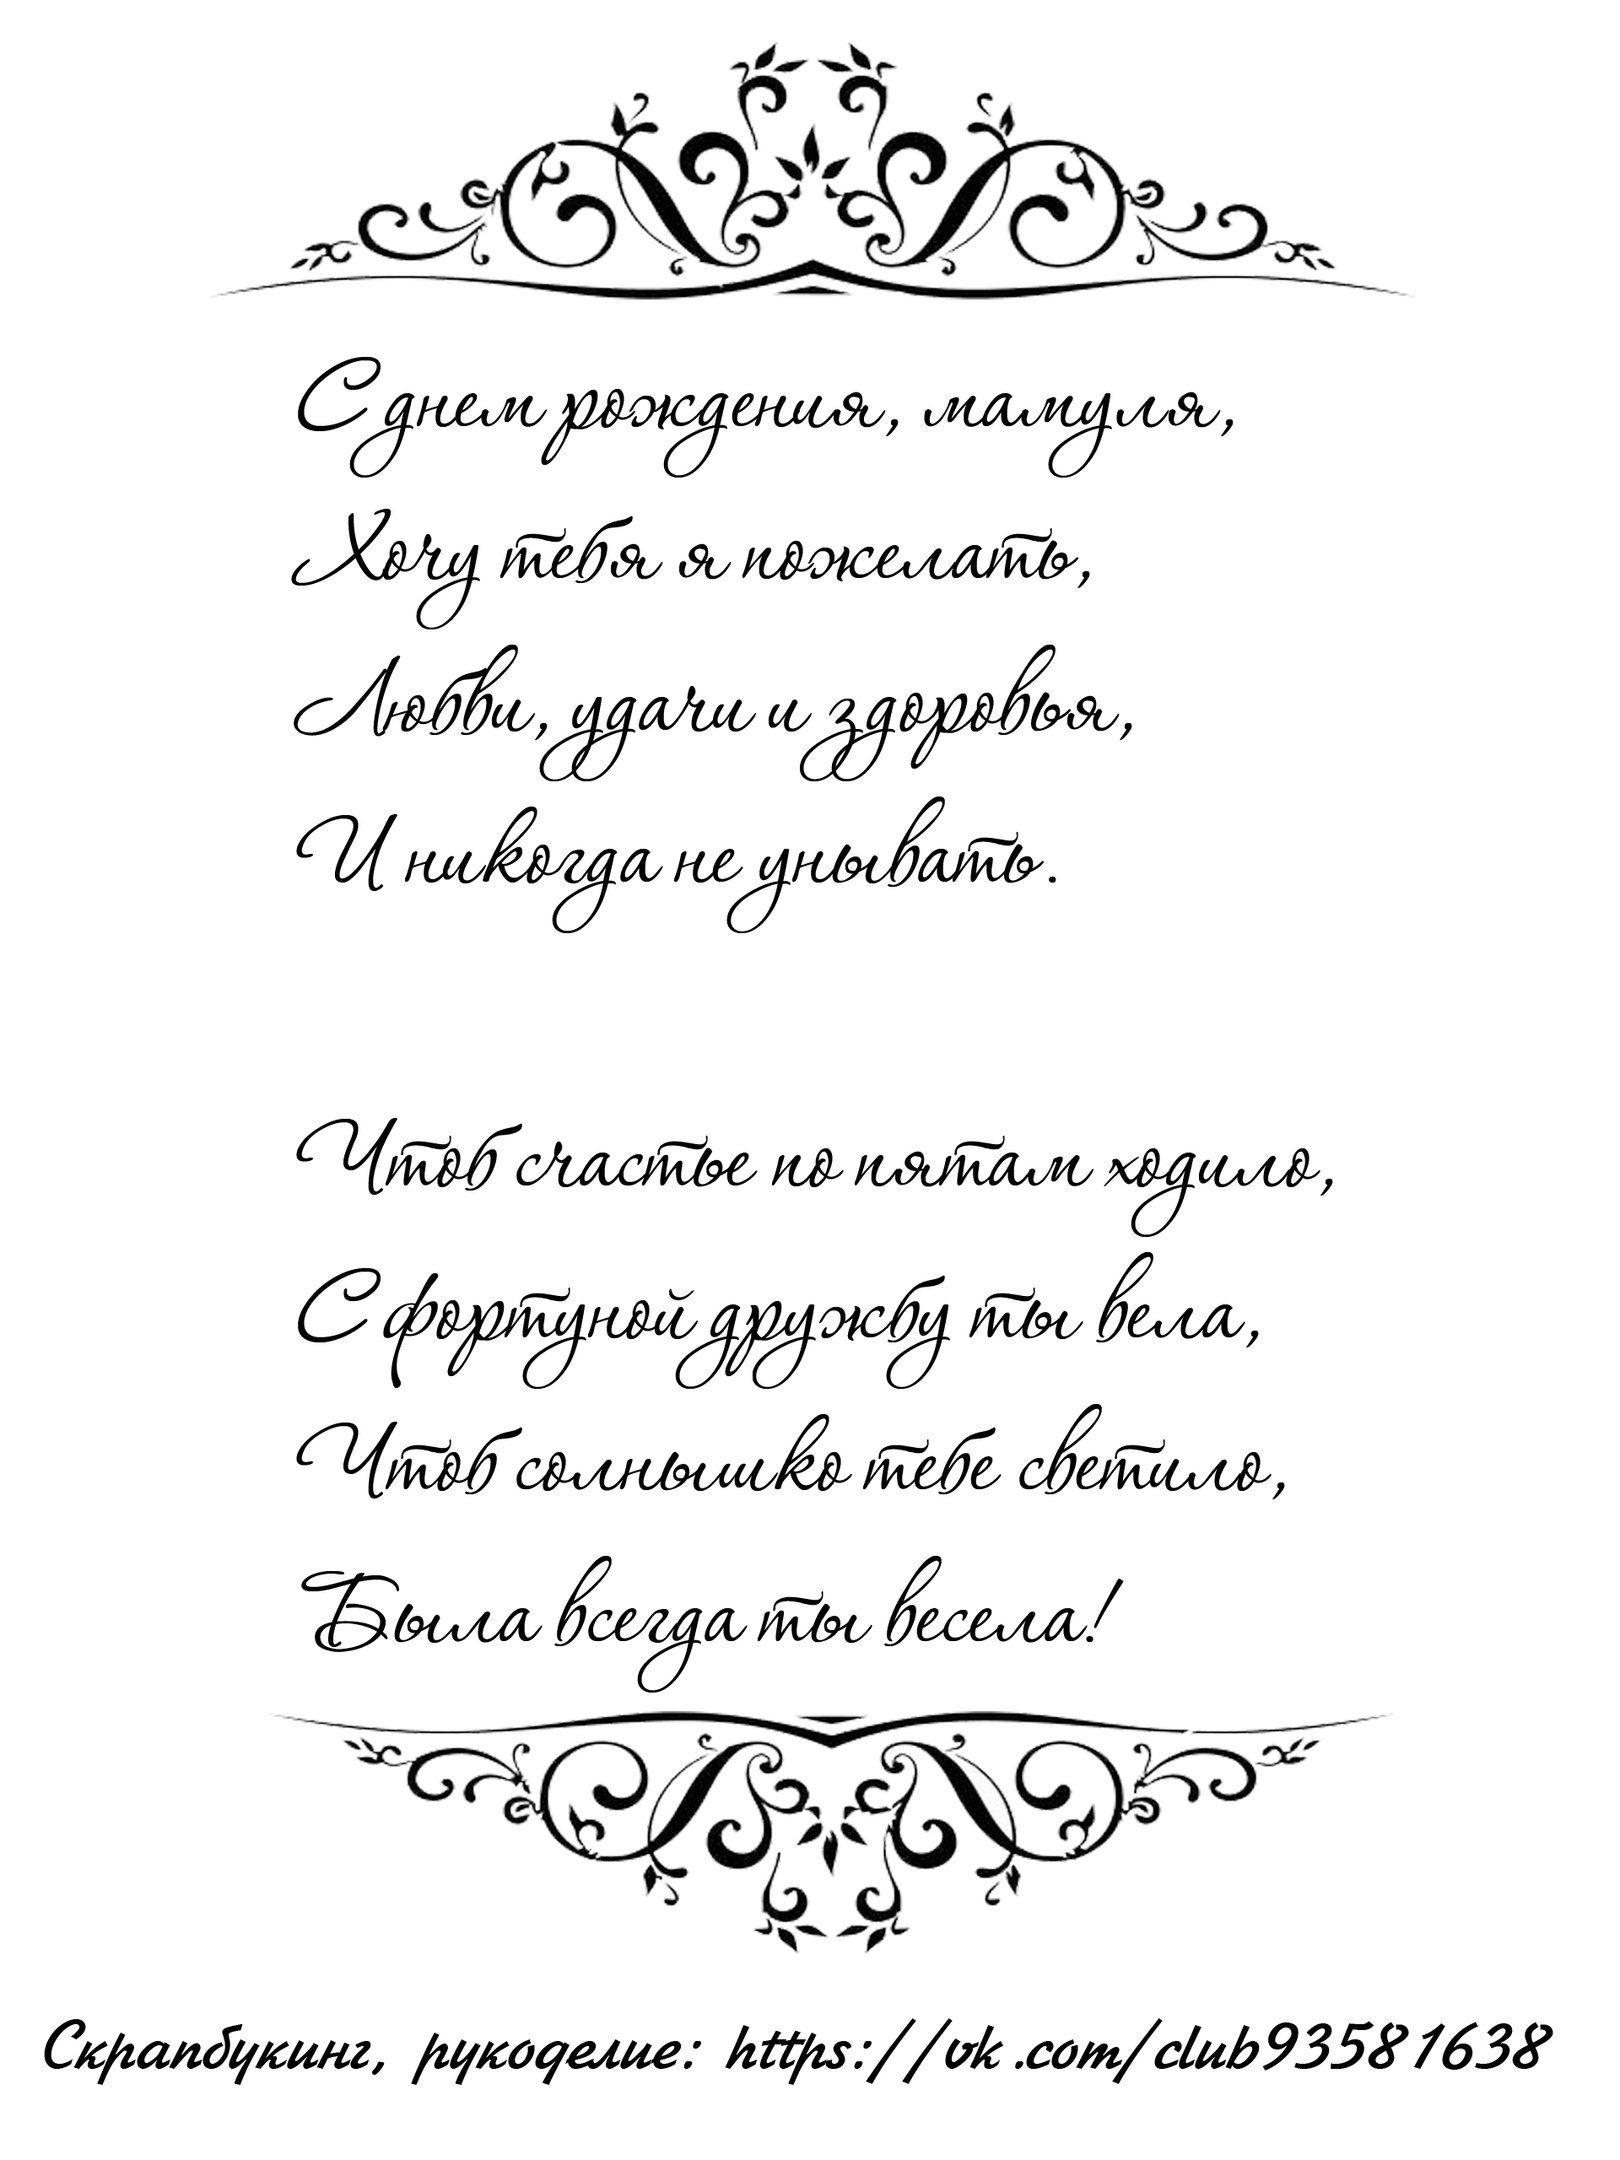 Поздравления с днем рождения на татарском языке